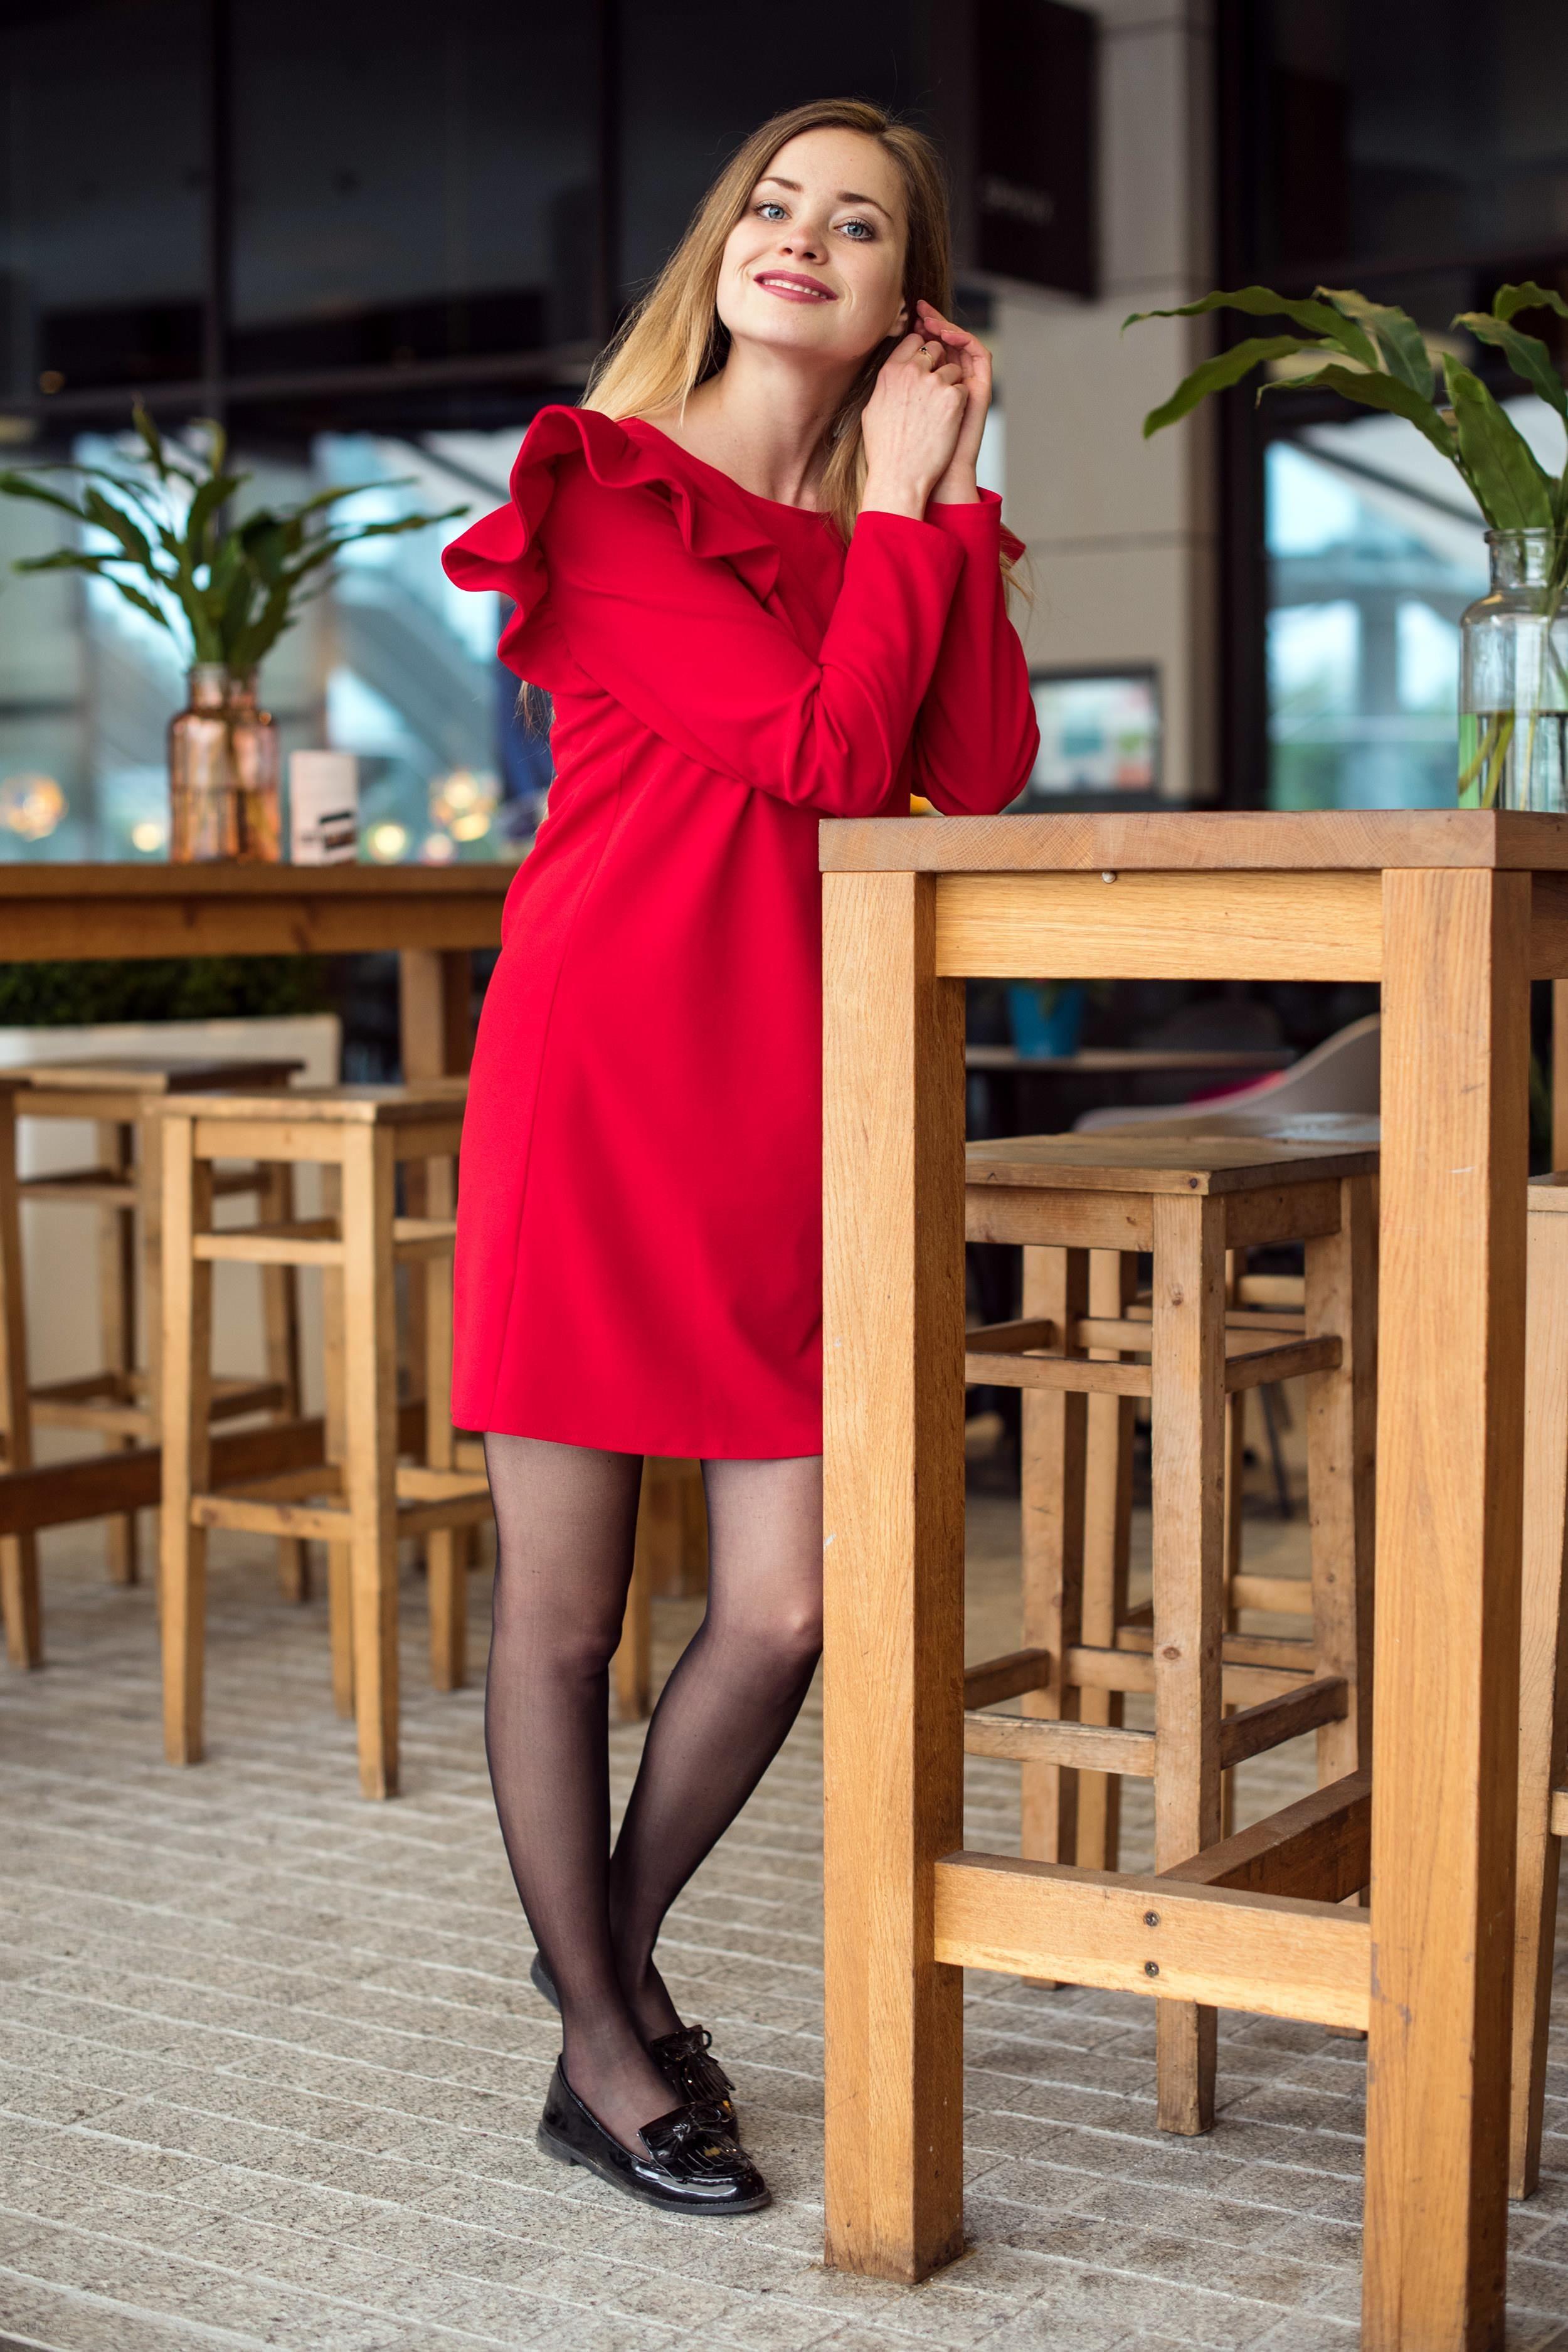 92a7c87aee Cranberry Sukienka z falbankami Czerwona Czerwony - Ceny i opinie ...